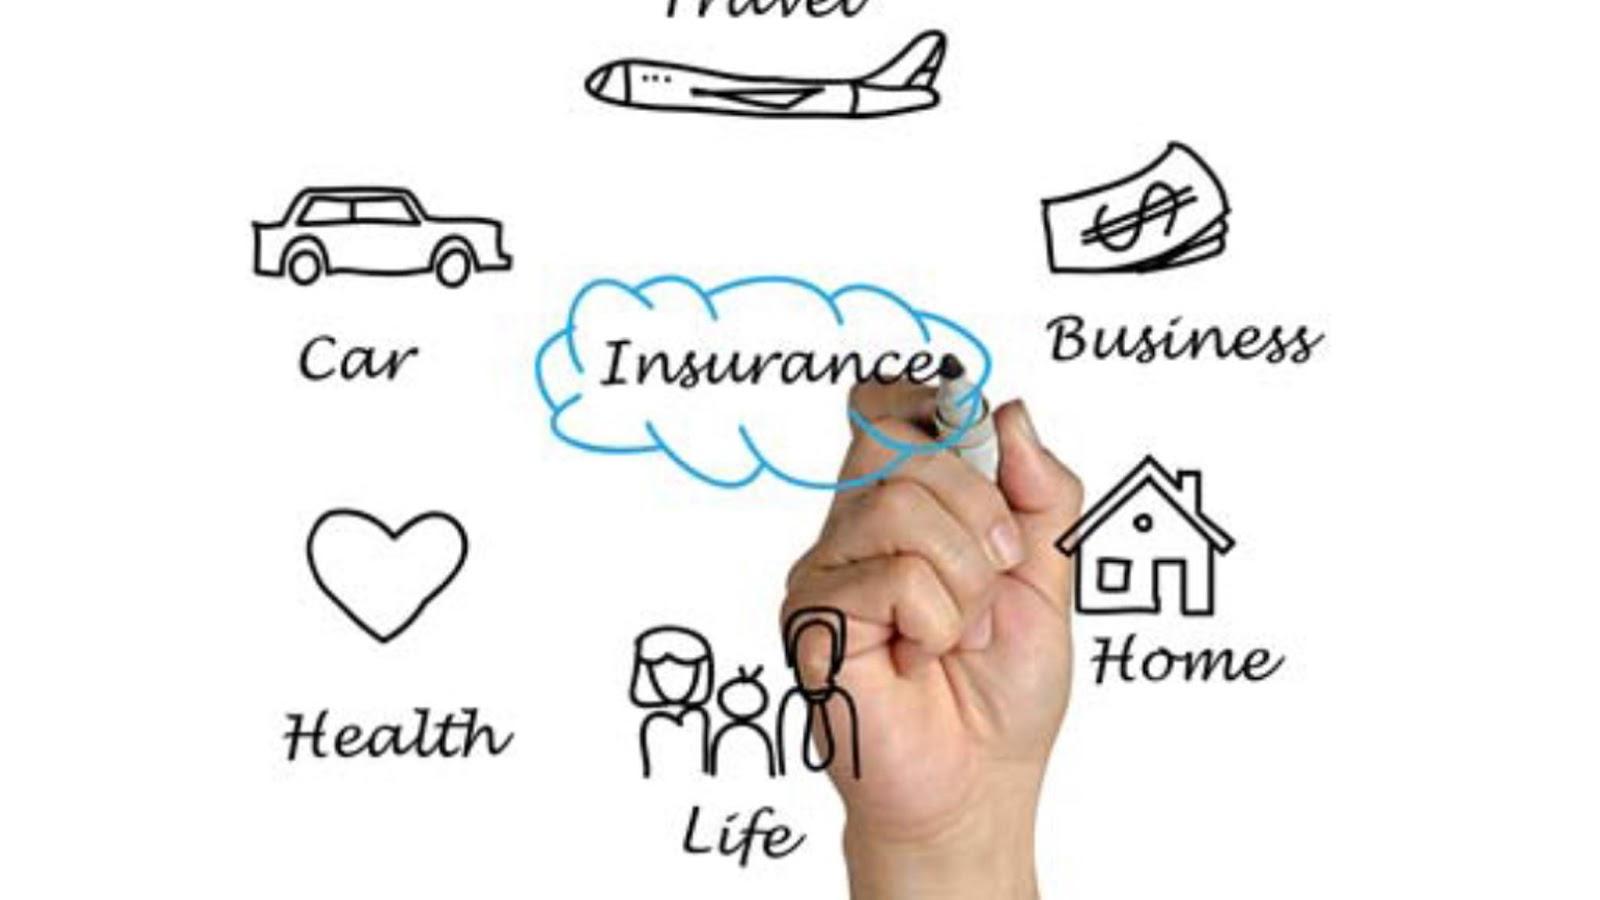 Manfaat Beli Asuransi – Asuransi Terbaik Di Indonesia Mudah, Hemat Gak Pake Ribet